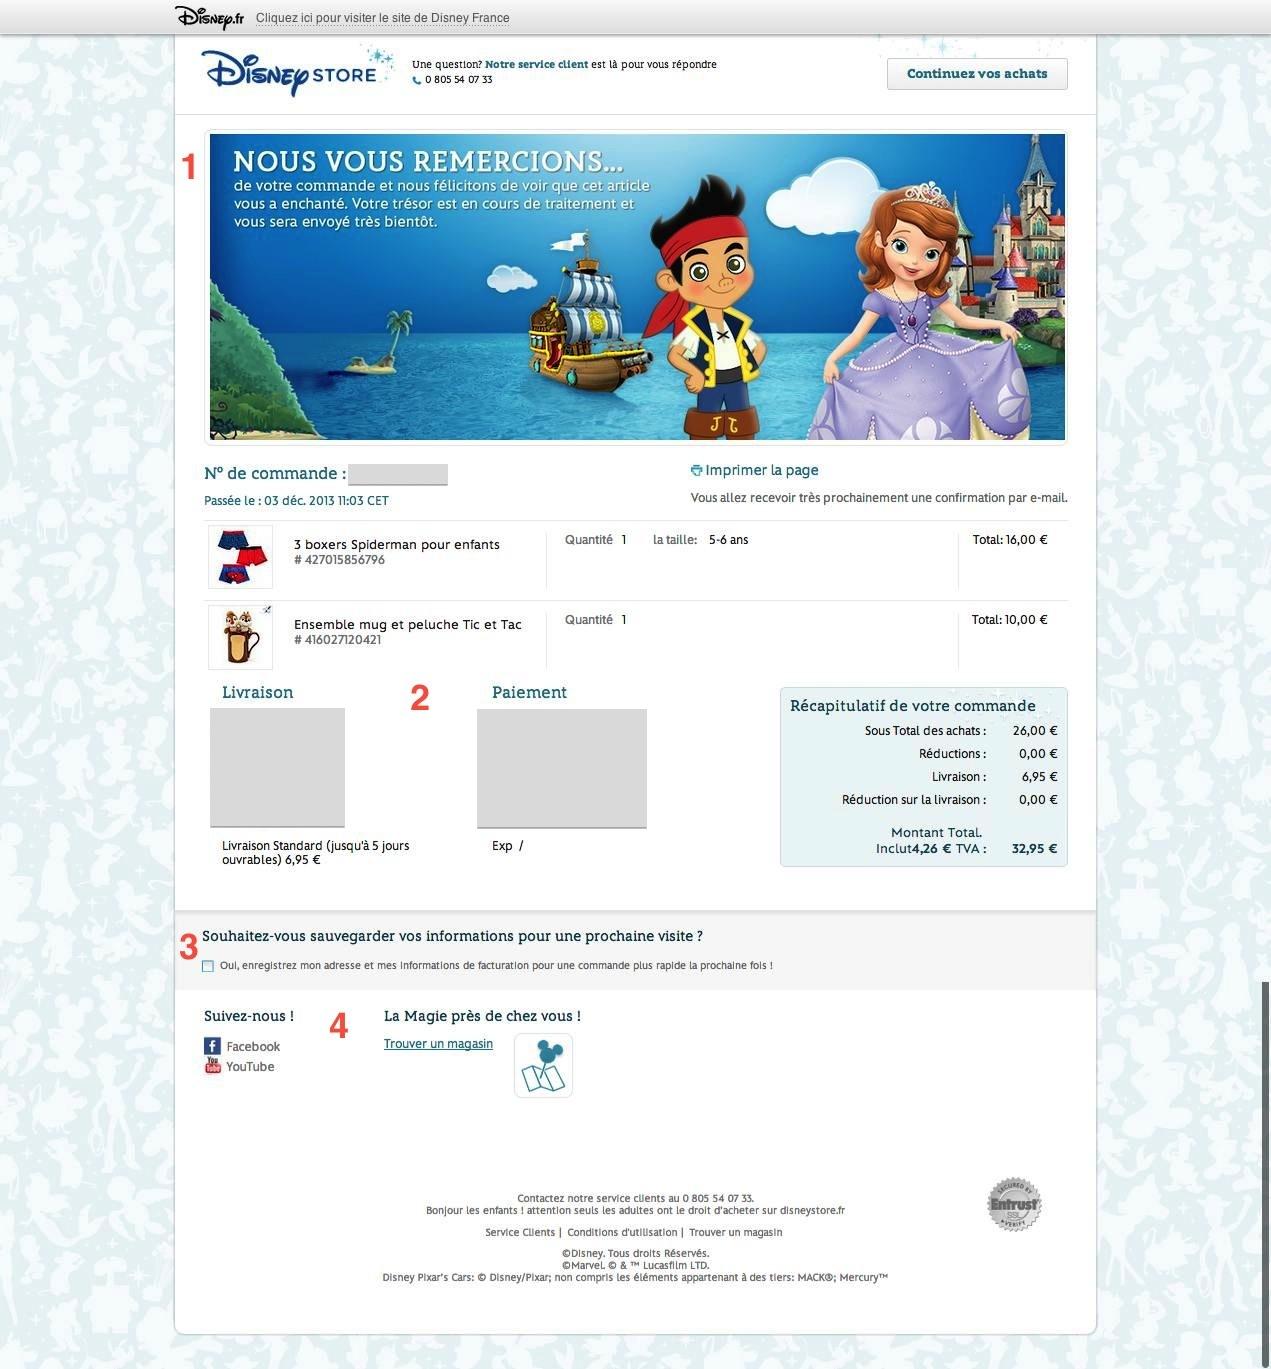 5-validation-paiement-DisneyStore